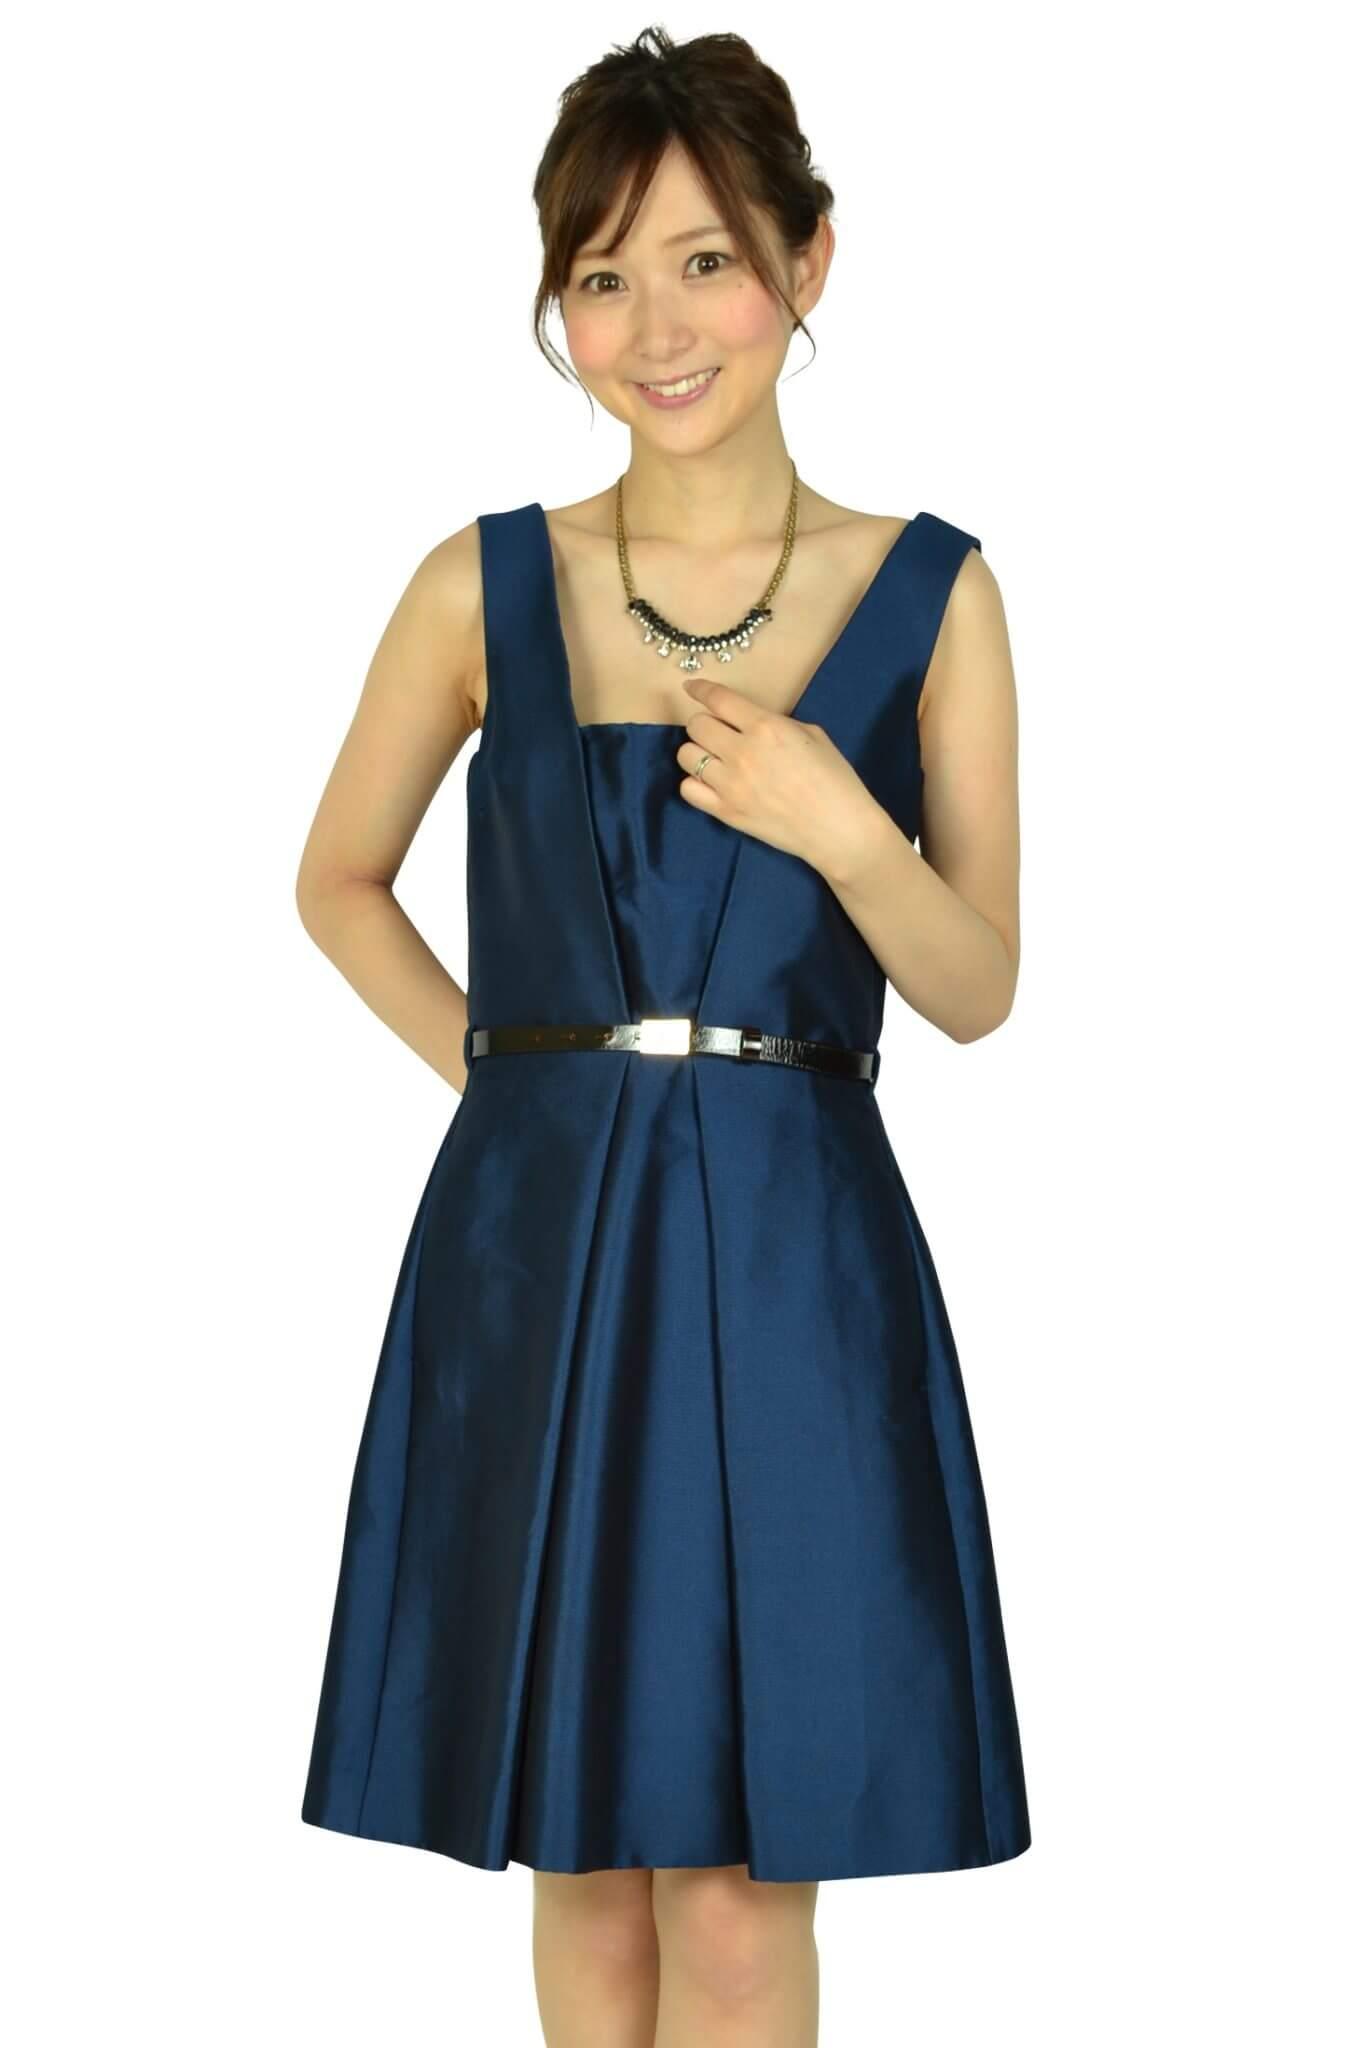 ディースクエアード (DSQUARED2)ベルト付きネイビードレス